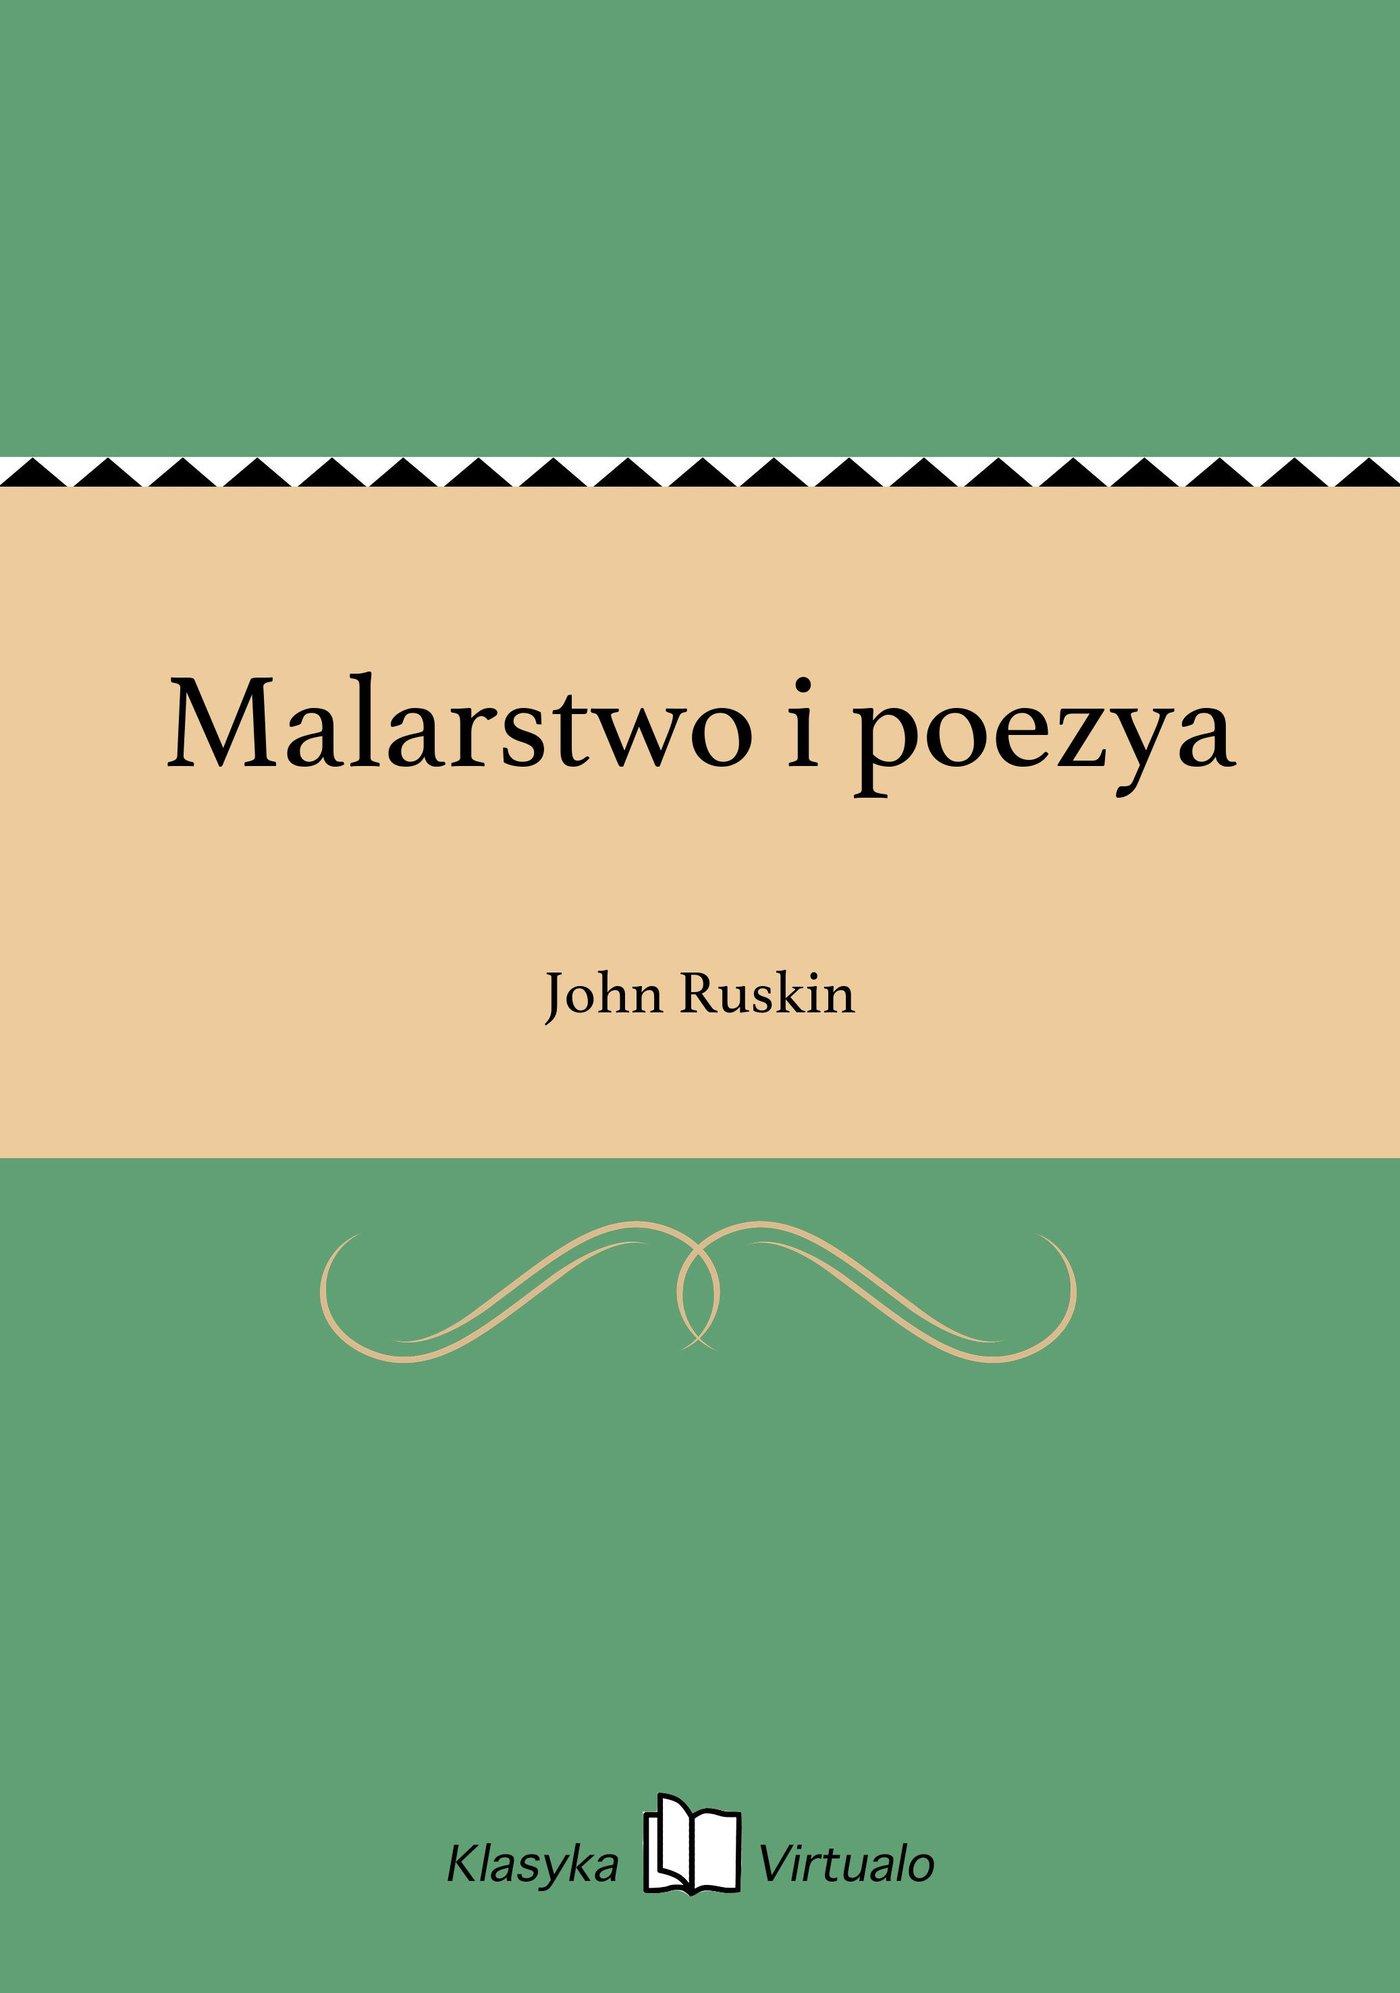 Malarstwo i poezya - Ebook (Książka EPUB) do pobrania w formacie EPUB